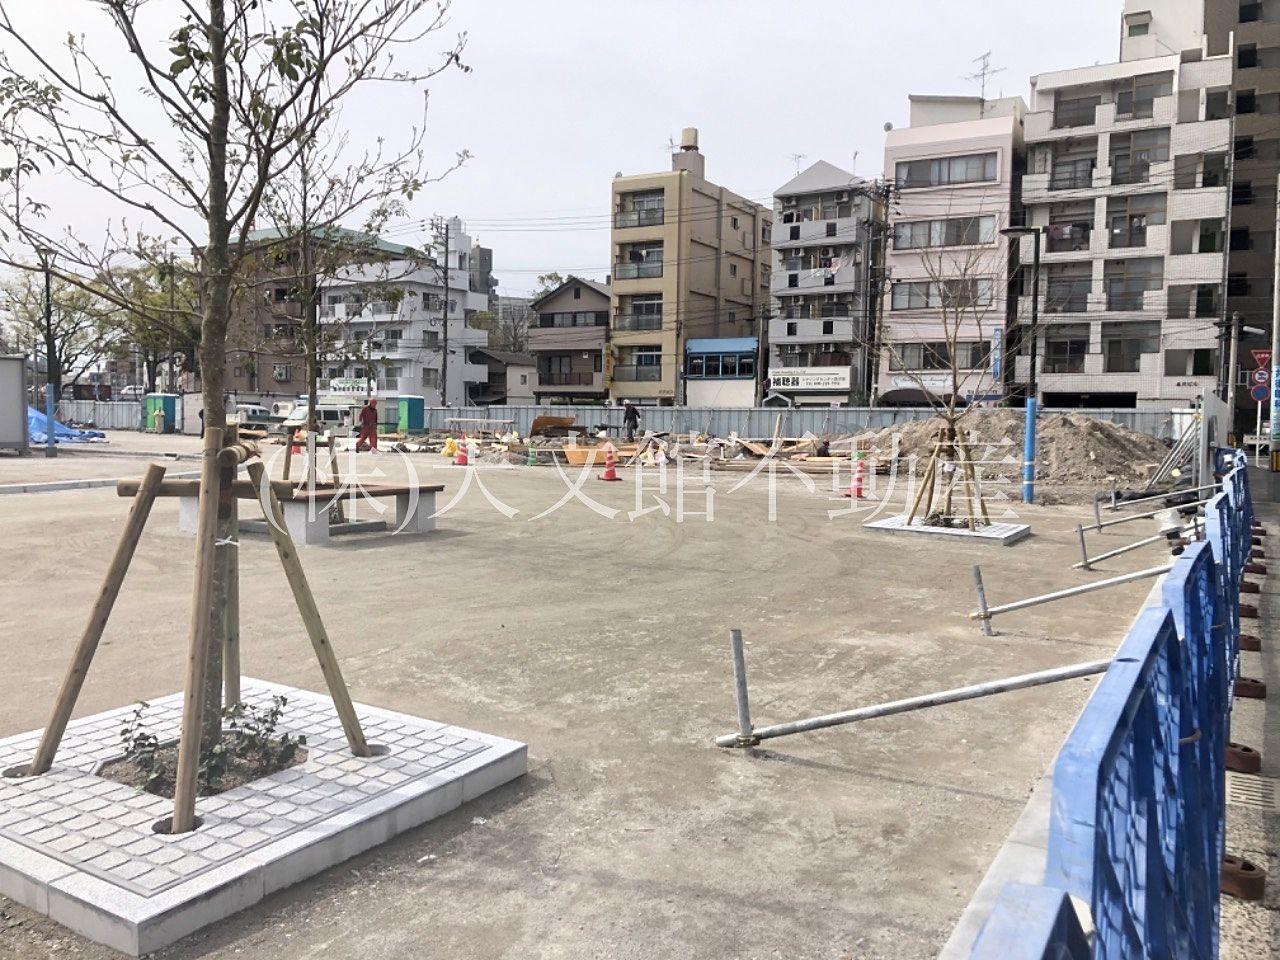 鹿児島市加治屋町の加治屋町の杜公園の北側も工事が進んできたようです。